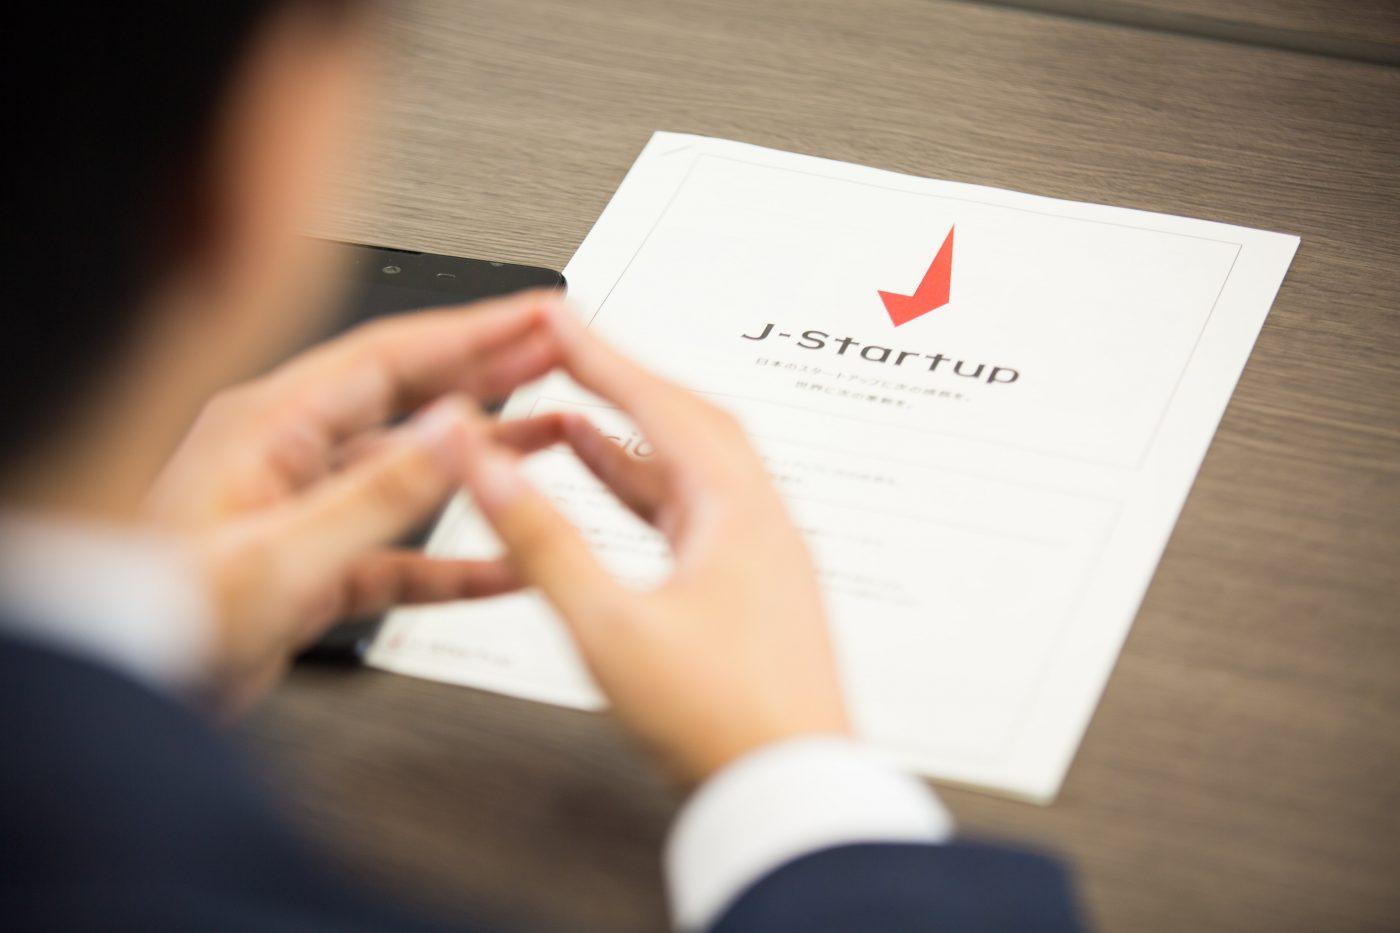 「J-Startup」に選定された92社は、推薦対象として定めた3つのジャンルにいずれか該当する。そのジャンルは、ディープテック型、プラットフォーム型、SDGs型だ。